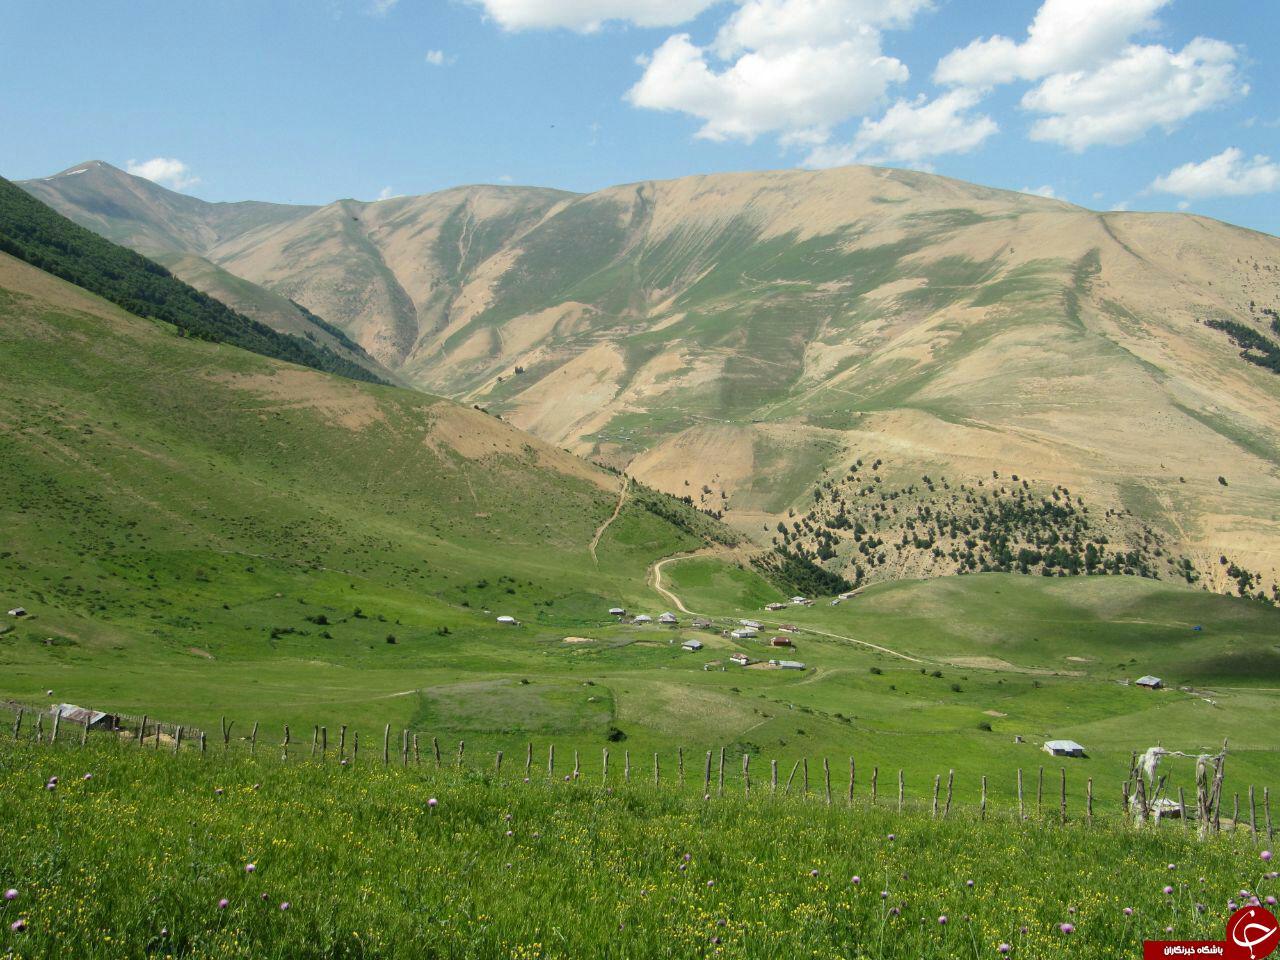 طبیعت زیبا و بکر روستای ییلاقی